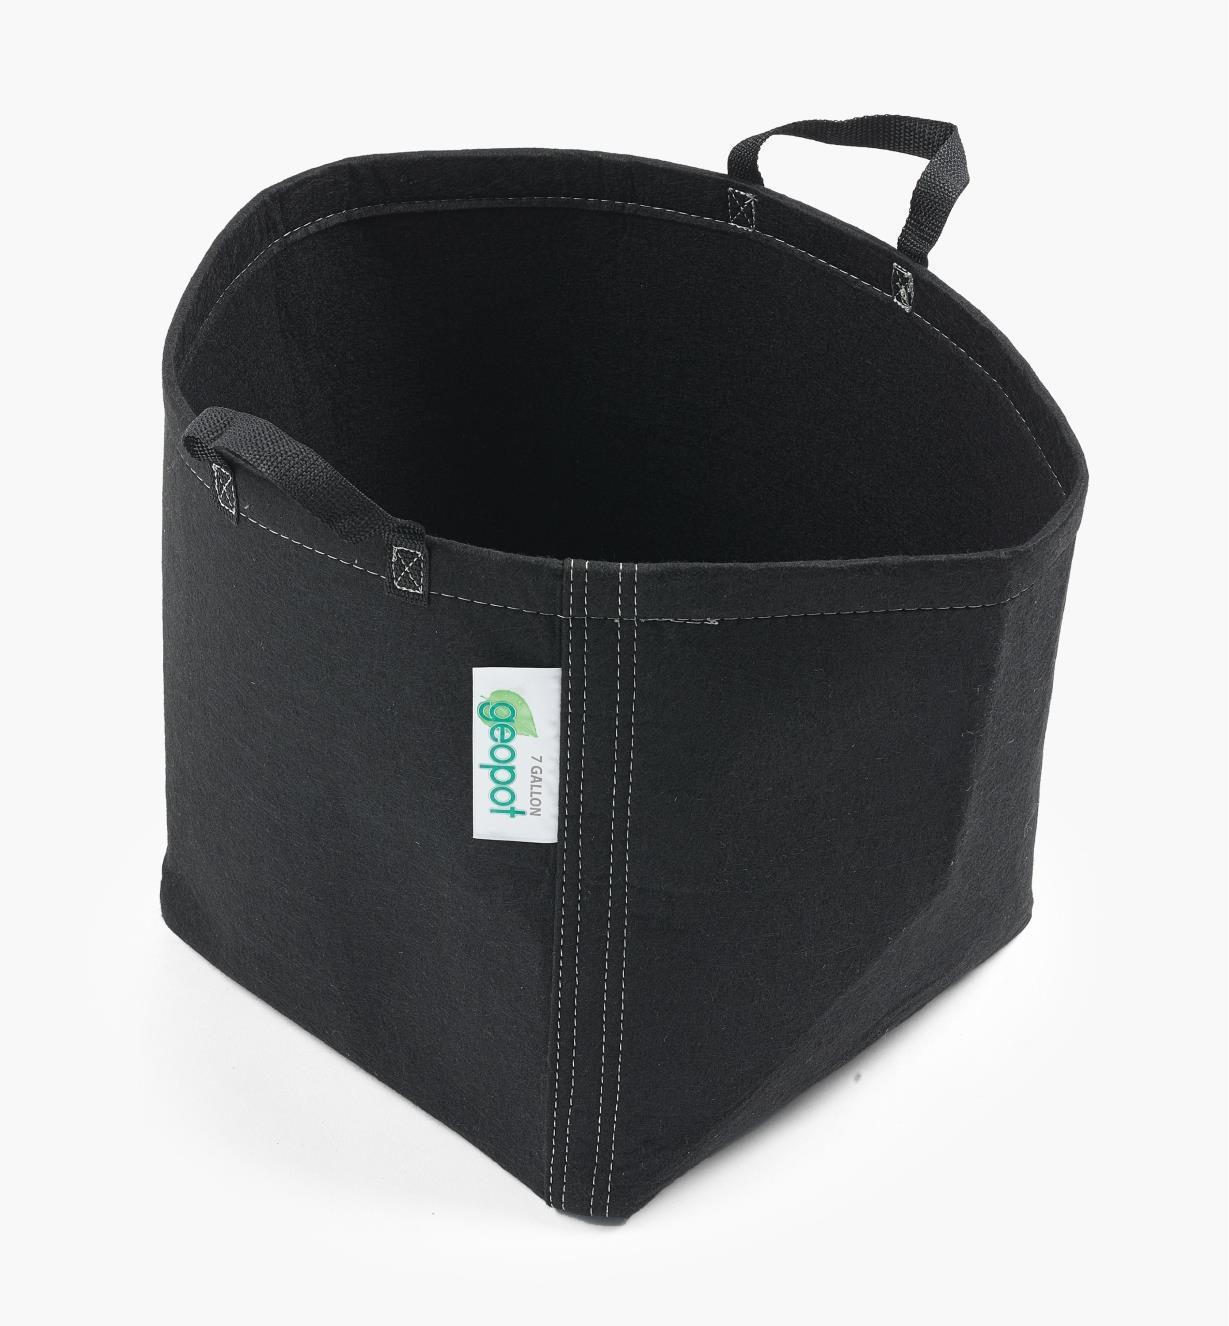 """XB862 - 14"""" x 12"""" Fabric Pot, 7 U.S. gal./26.5l"""